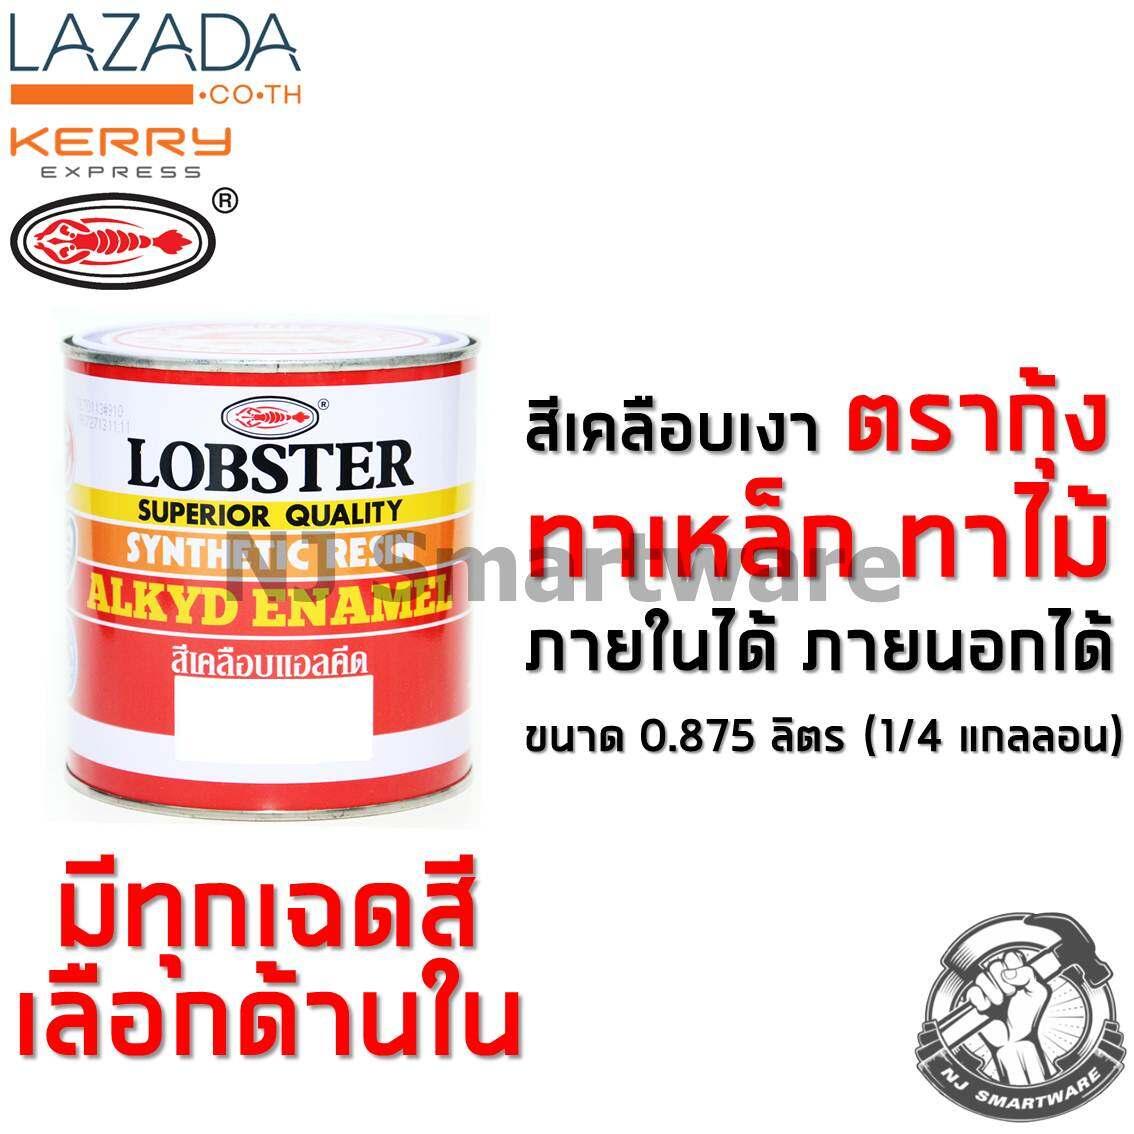 สีน้ำมัน สีตรากุ้ง สีทาไม้ สีทาเหล็ก สีทาบ้าน สีล็อบสเตอร์ สีแห้งช้า ขนาด 0.875 ลิตร (1/4 แกลลอน) - Lobster Alkyd Enamel 0.875 Liter (1/4 Gallon).